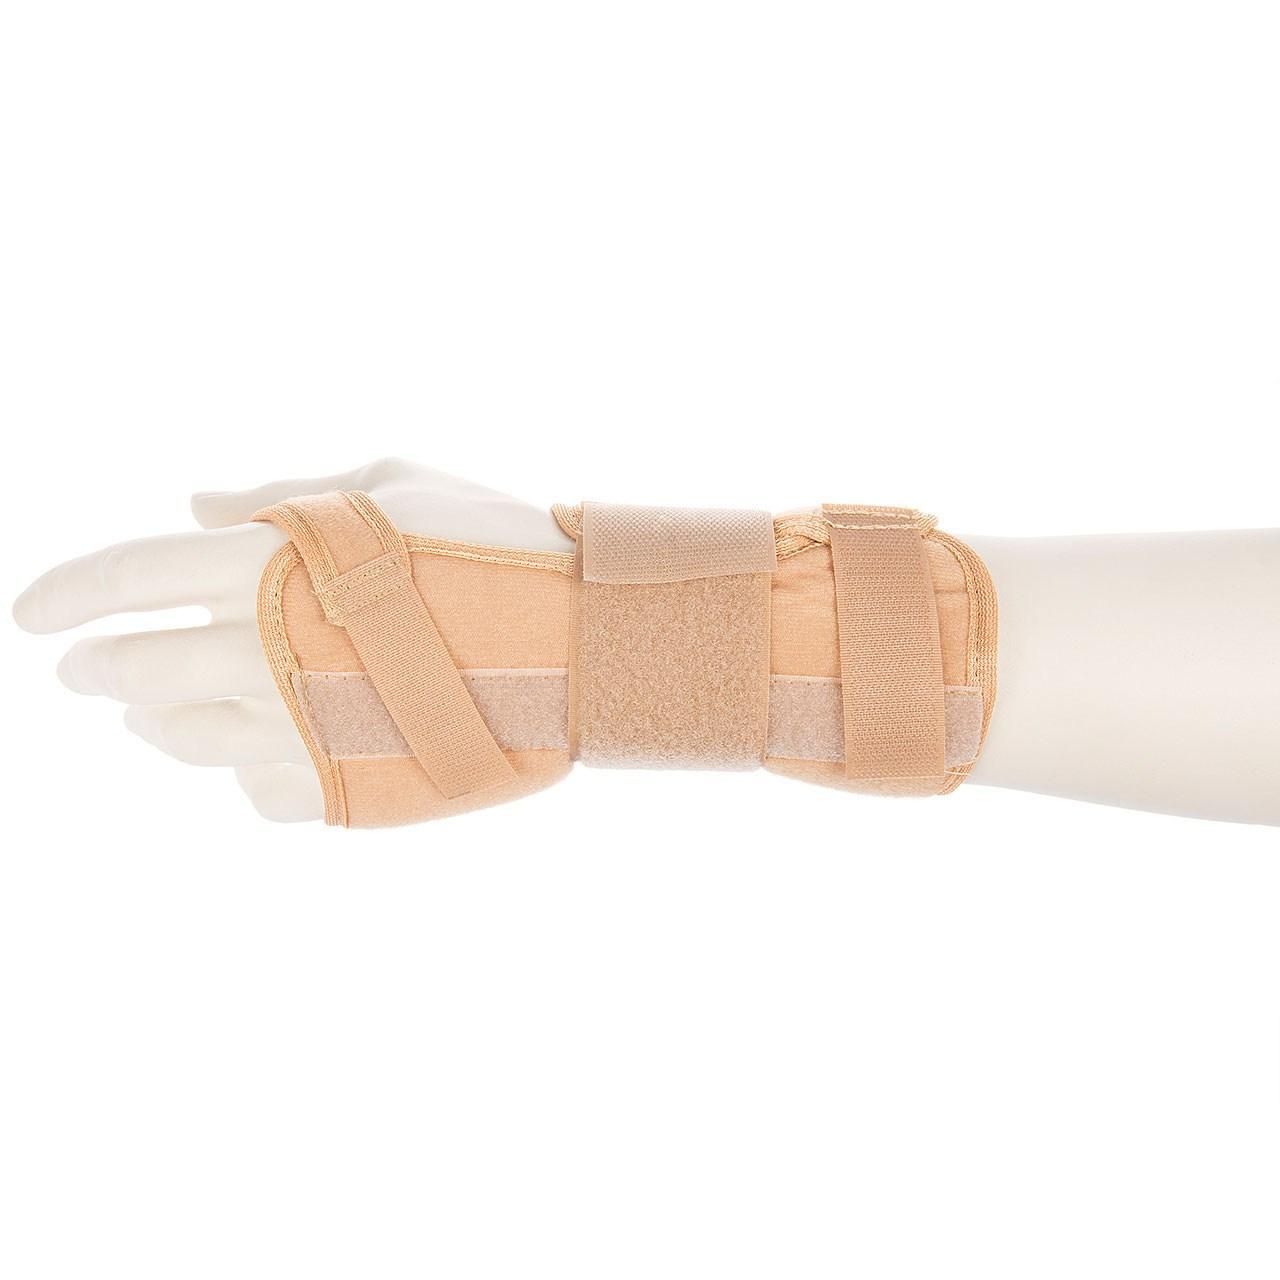 مچ بند طبی دست چپ پاک سمن مدل CTS With Hard bar سایز بزرگ